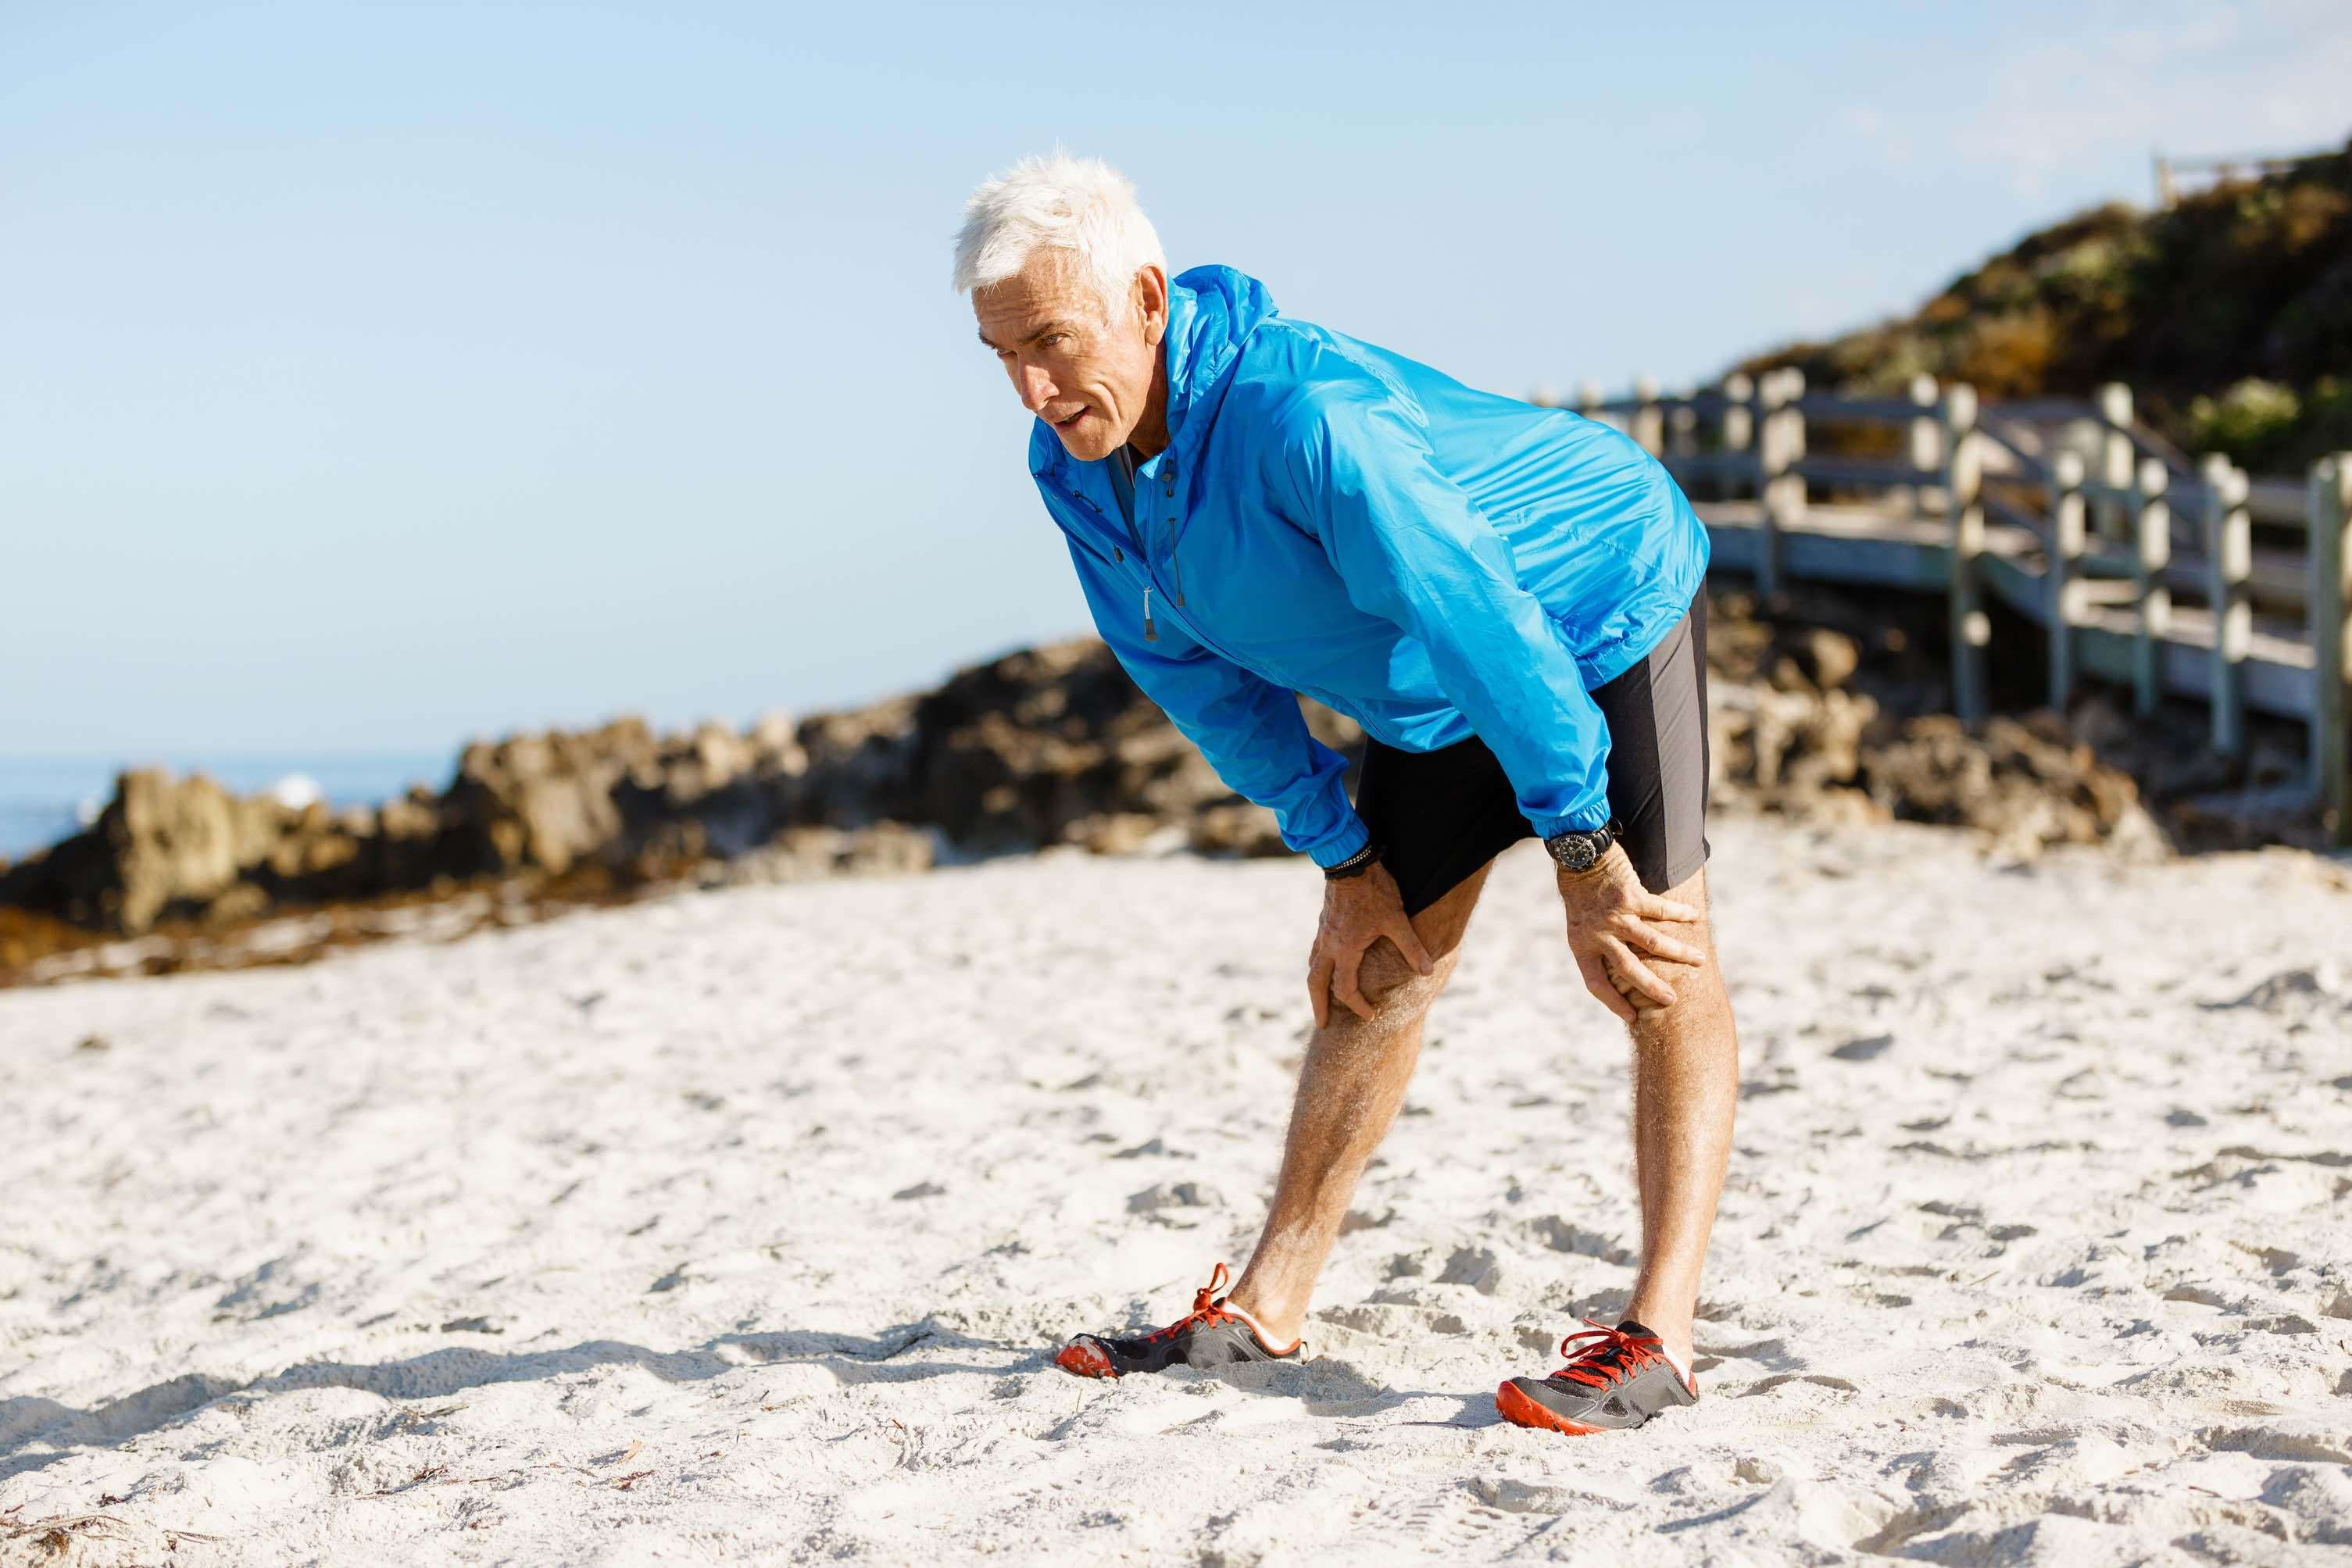 Besser regenerieren nach harten Trainingseinheiten